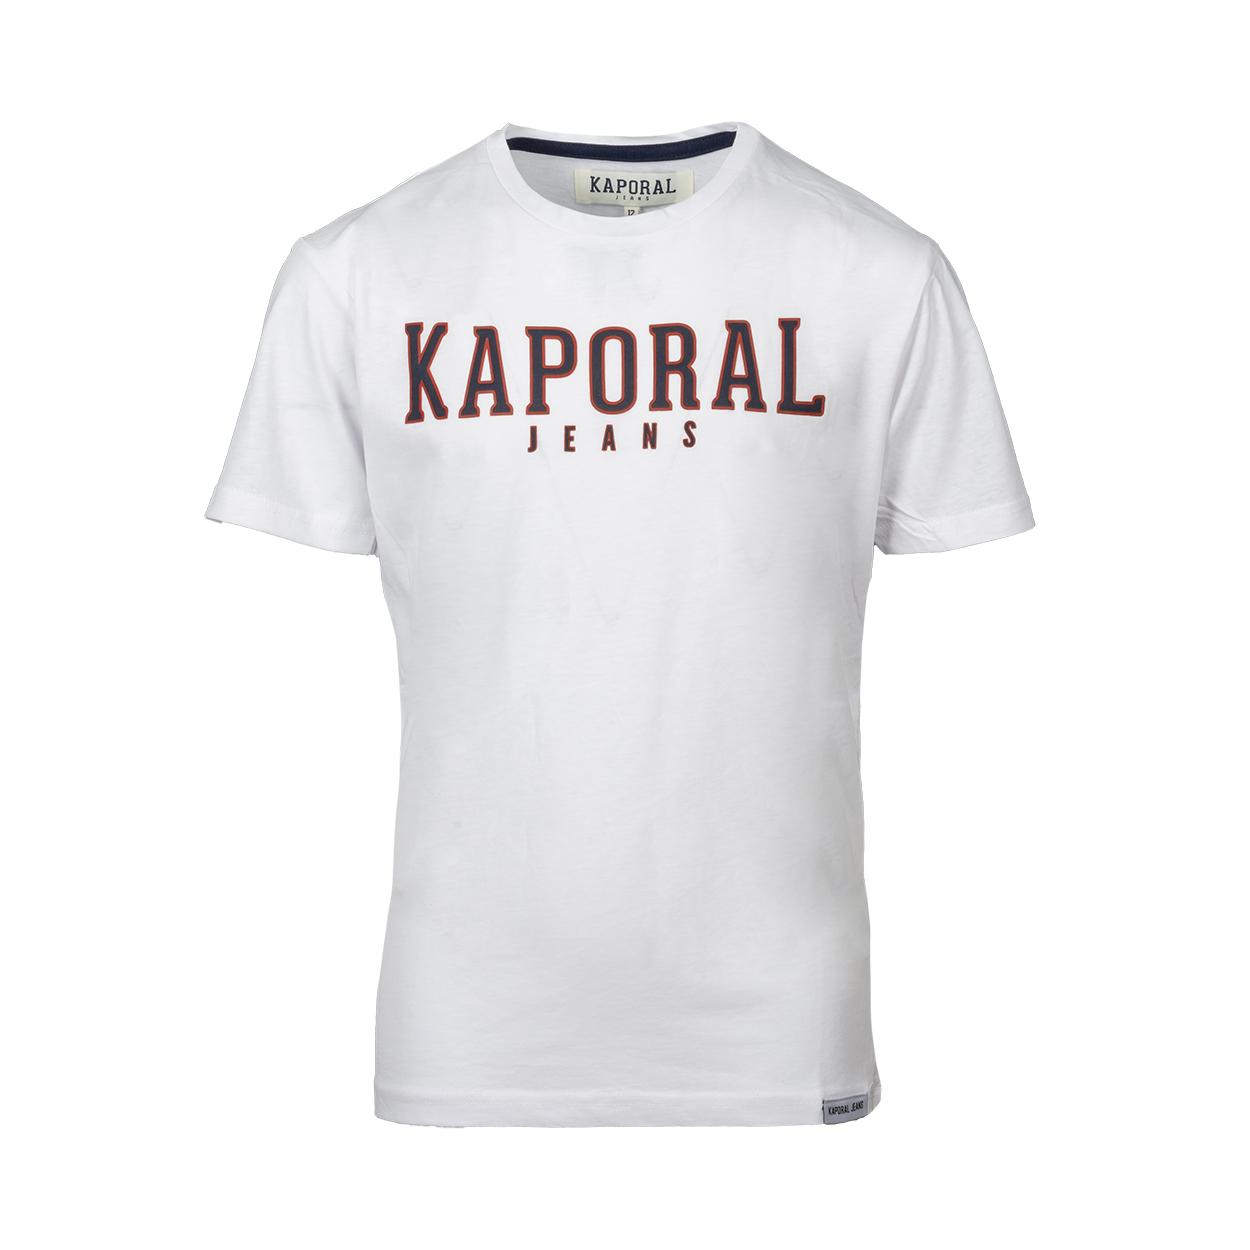 Tee-shirt col rond  orad en coton blanc floqué en noir et rouge